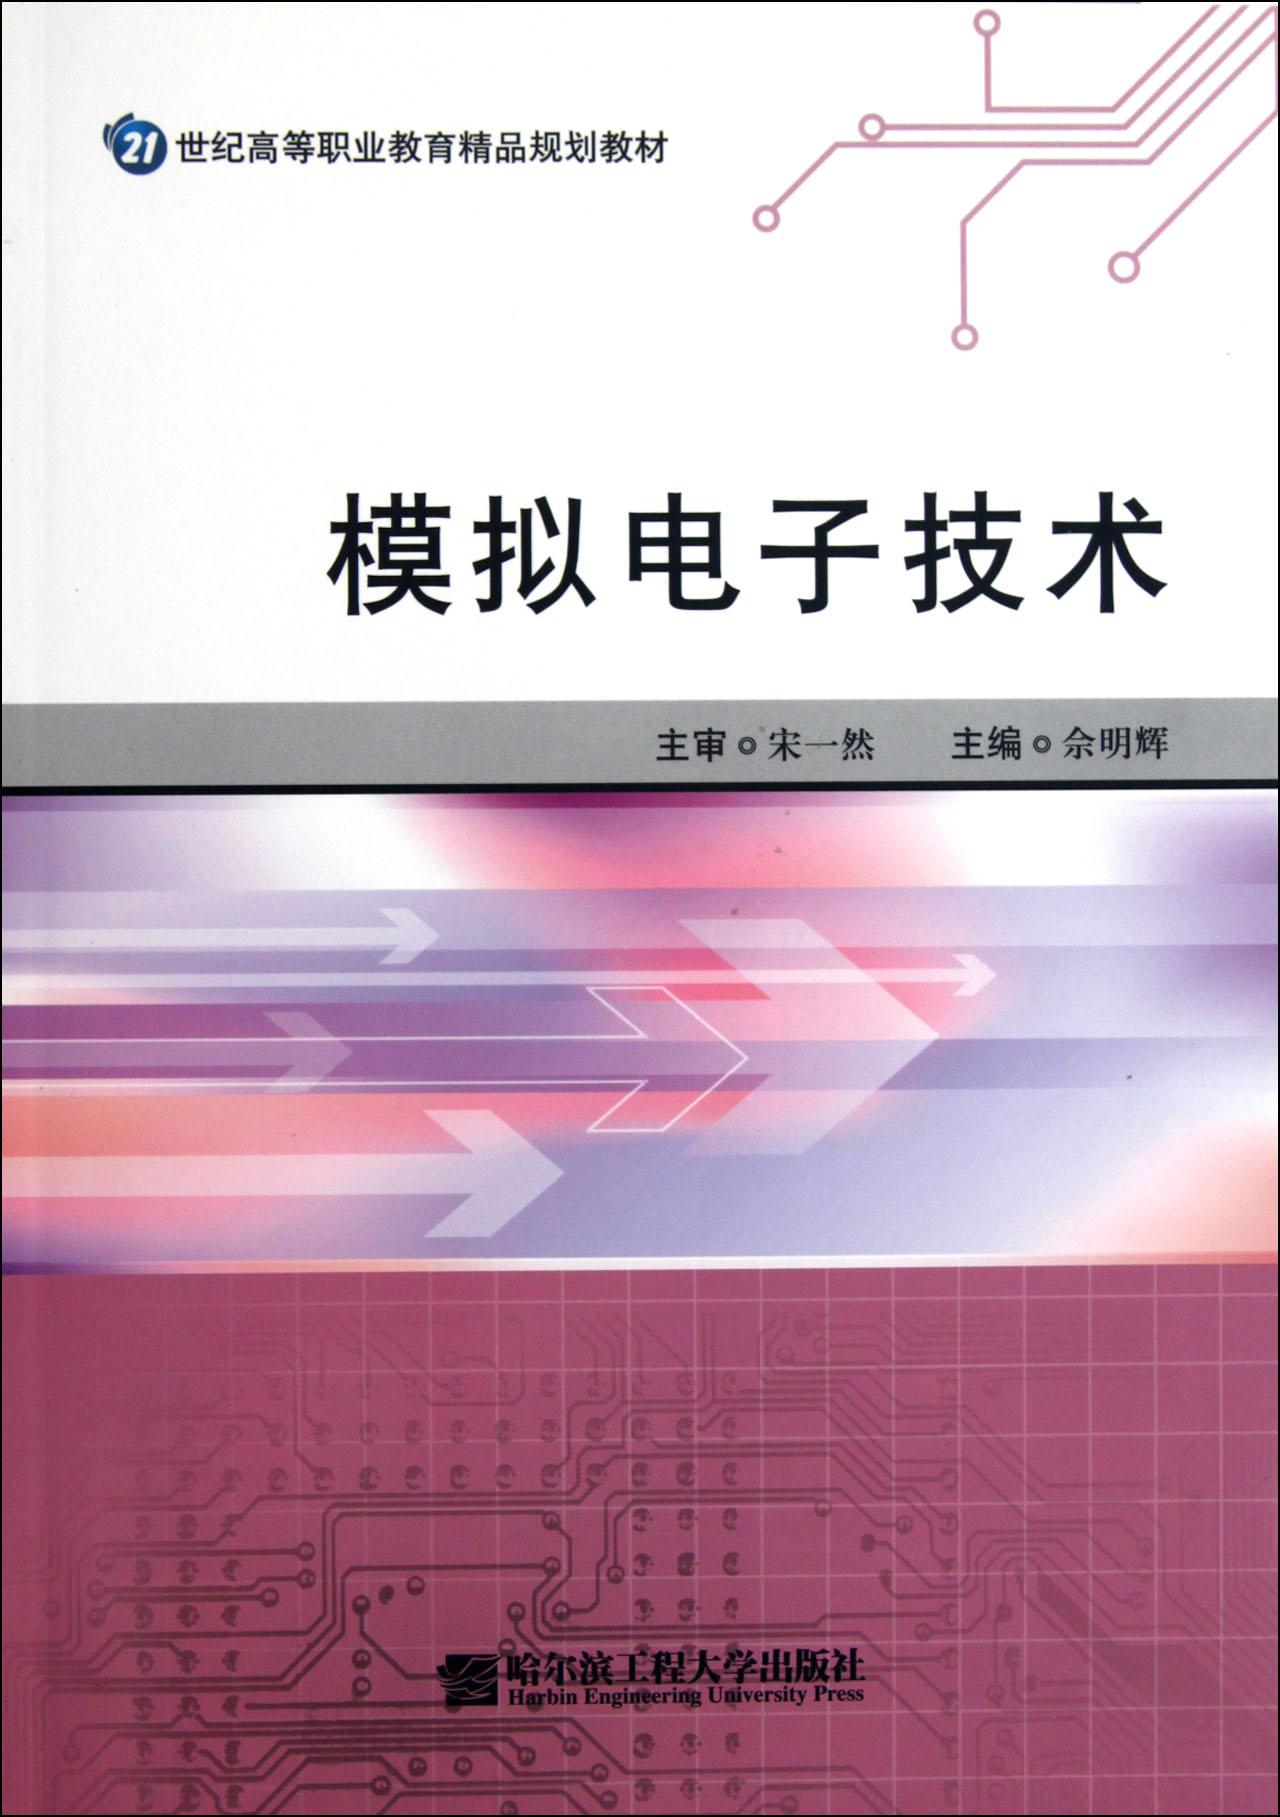 模拟电子技术(21世纪高等职业教育精品规划教材)